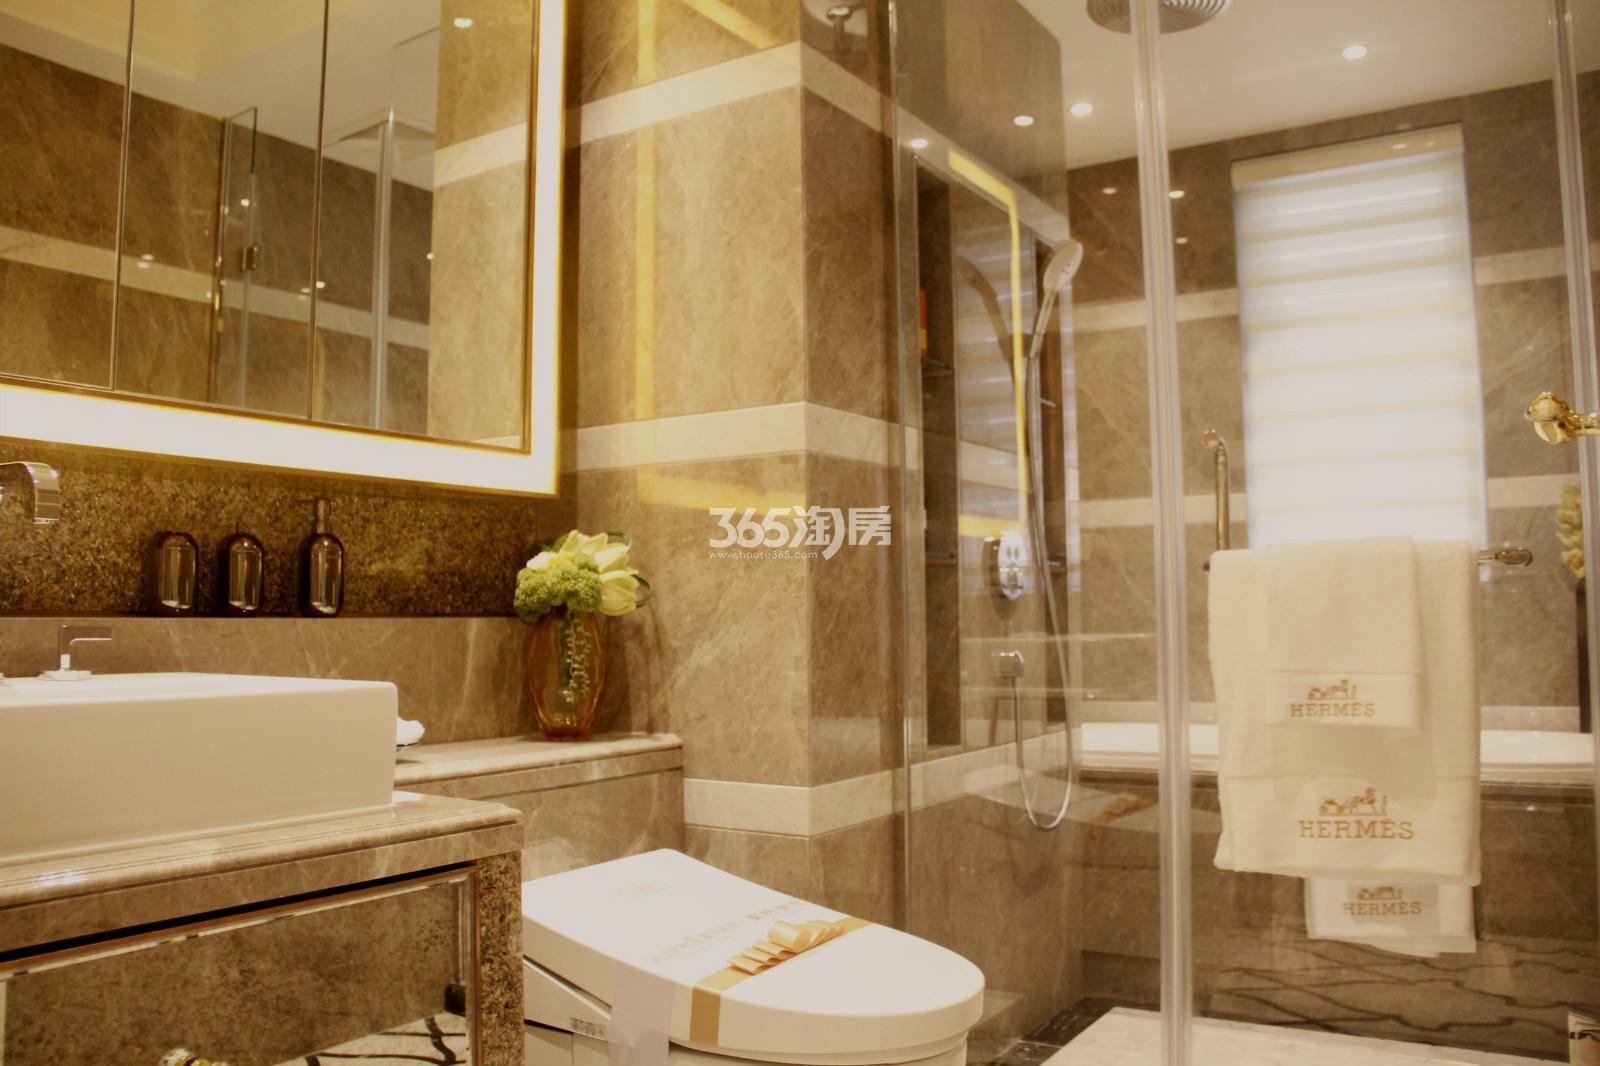 滨江保利翡翠海岸A1户型(131㎡)样板房---卫浴间